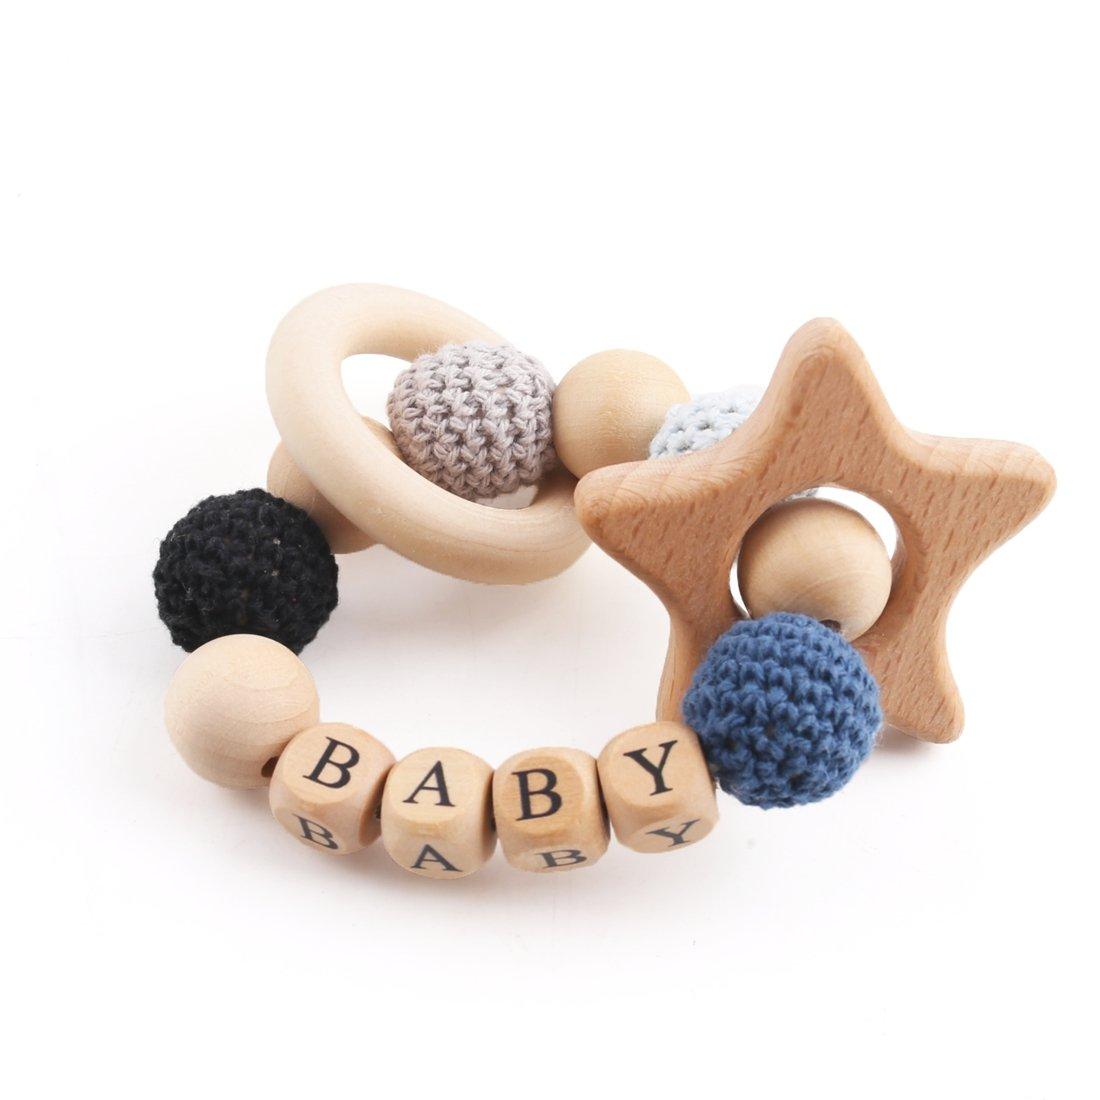 Mamimami Home Baby Holz Beißring Blume Geformt Ahorn Holz Organische Ringe Häkeln Perlen DIY Schmuck Handgemachte Armband Kinderkrankheiten Spielzeug Baby-Dusche-Geschenk